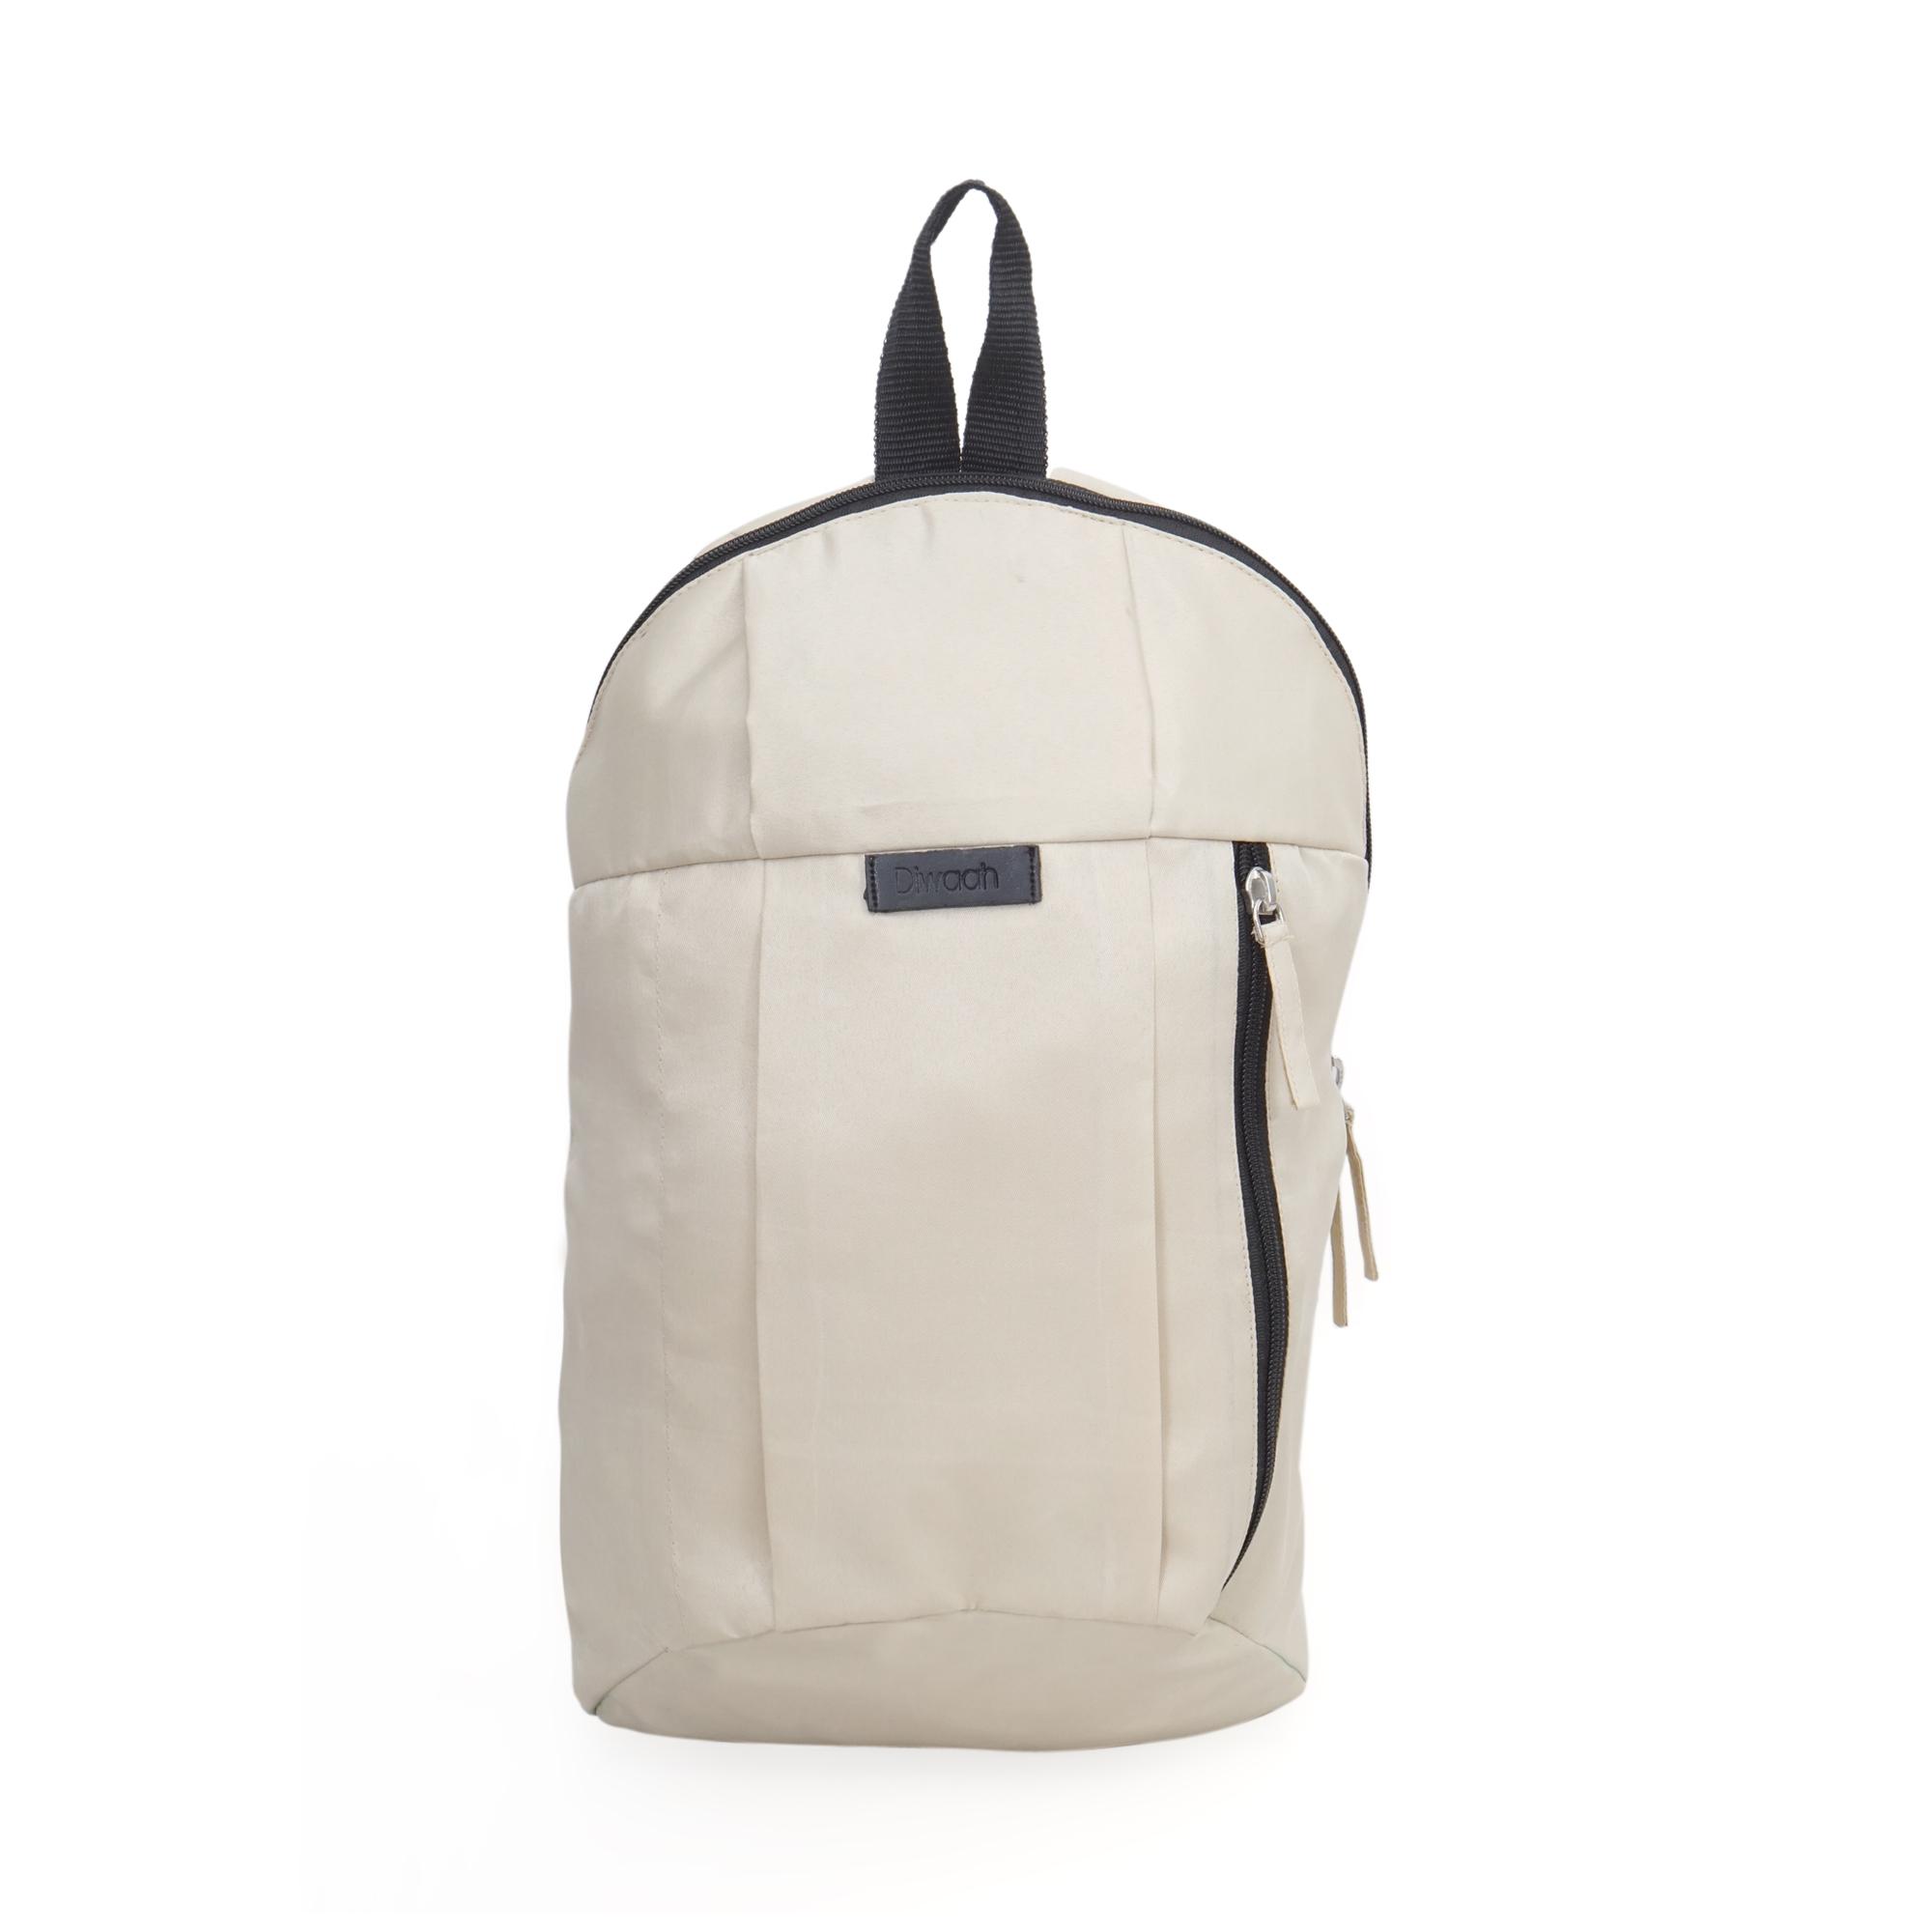 DIWAAH   Diwaah White Color Casual Backpack